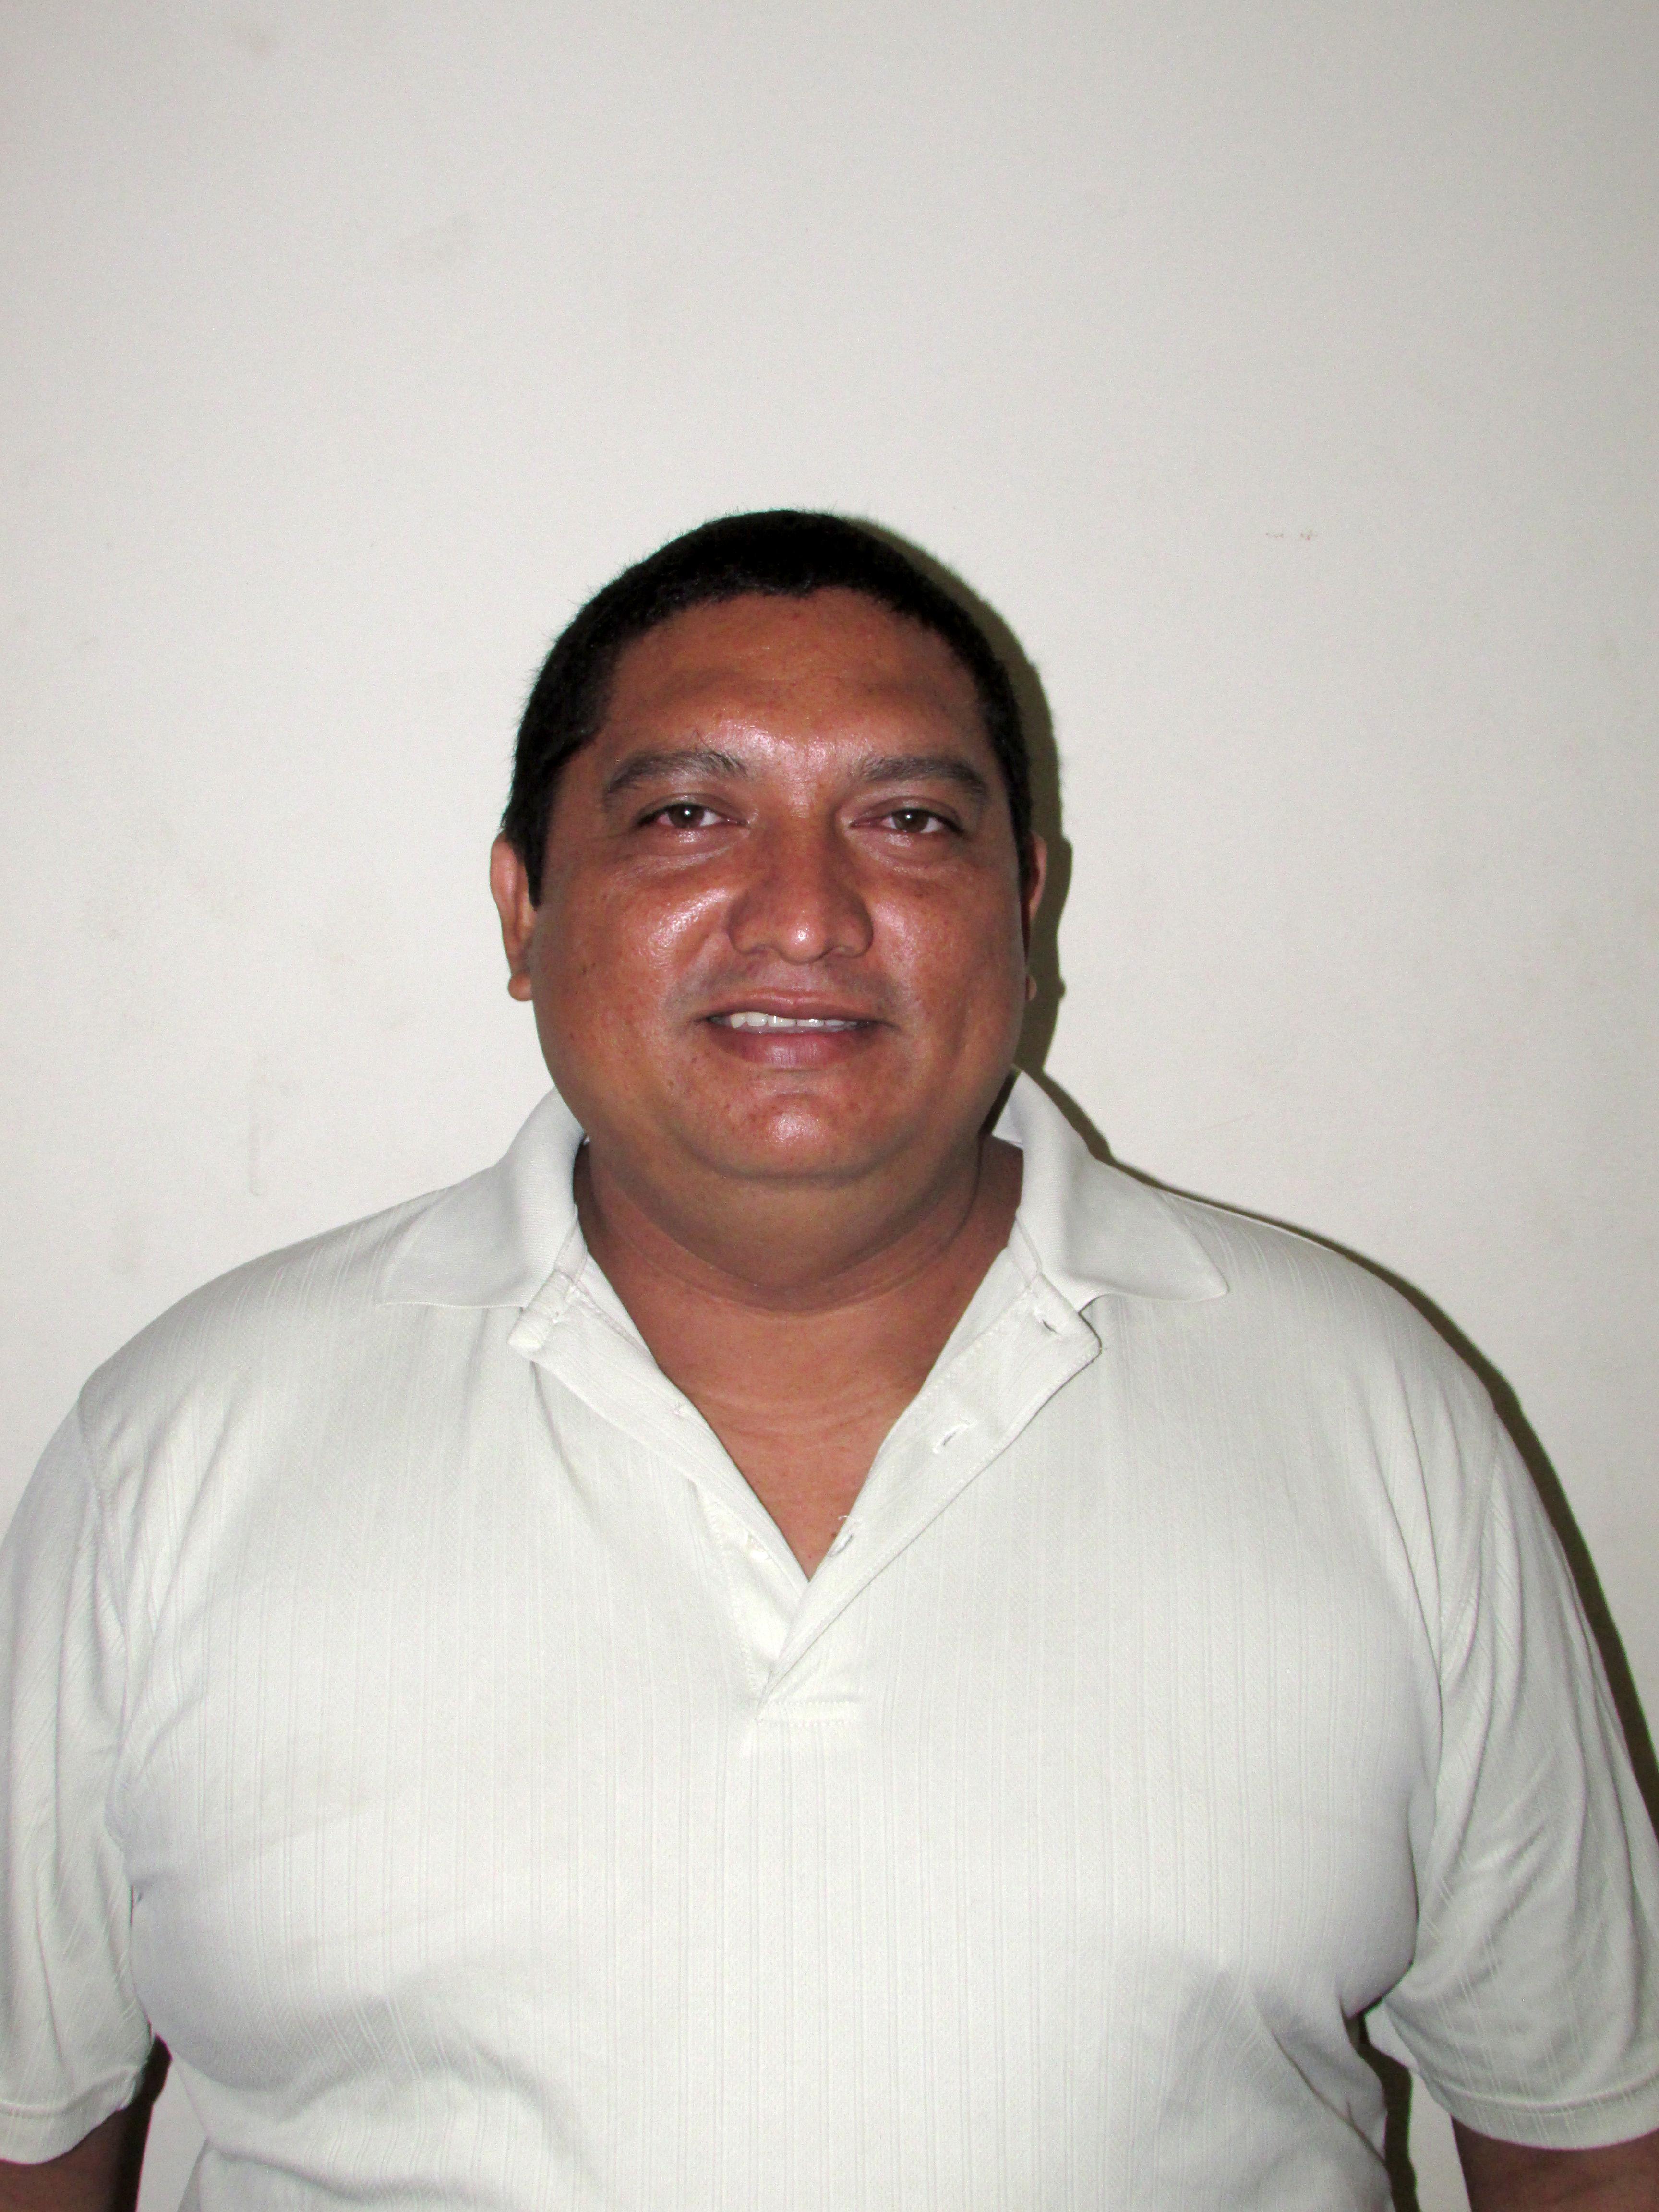 Jolman Lopez